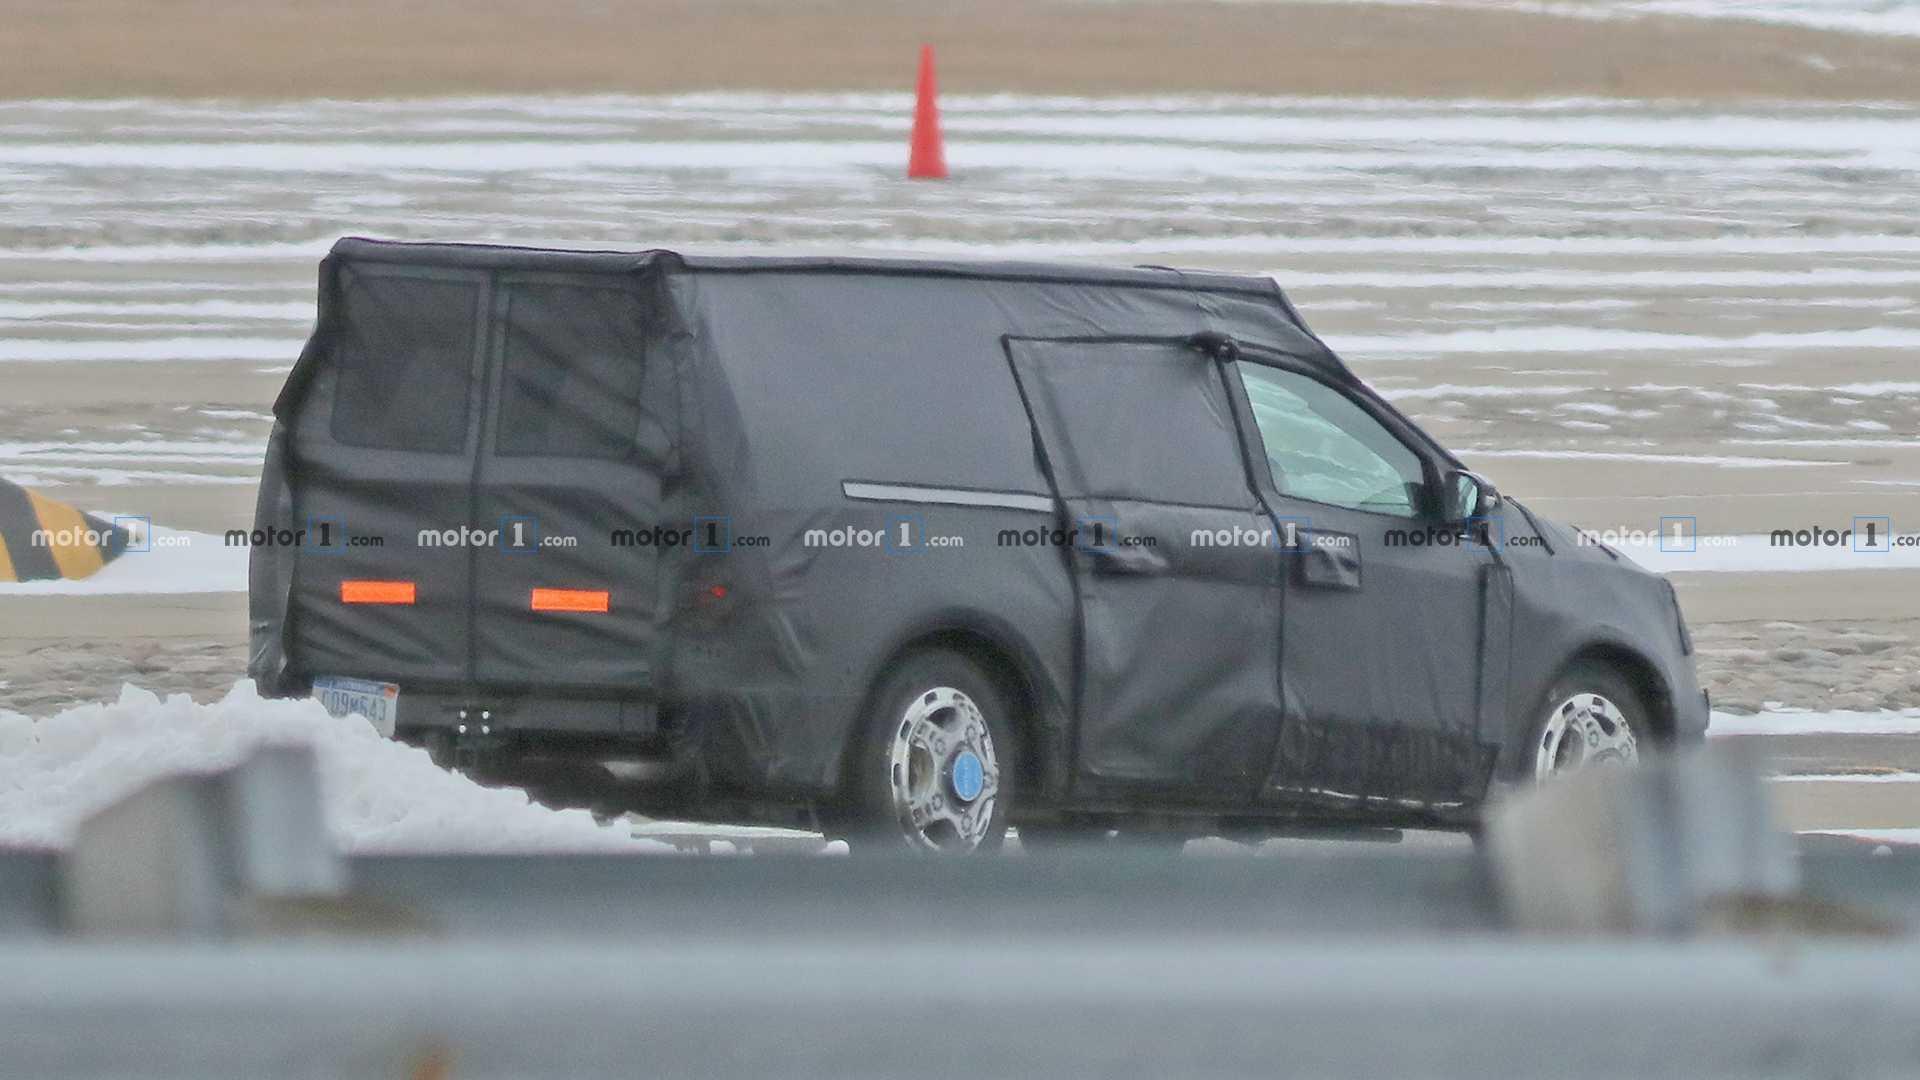 На тестах замечен сильно закамуфлированный прототип нового грузовика Ford